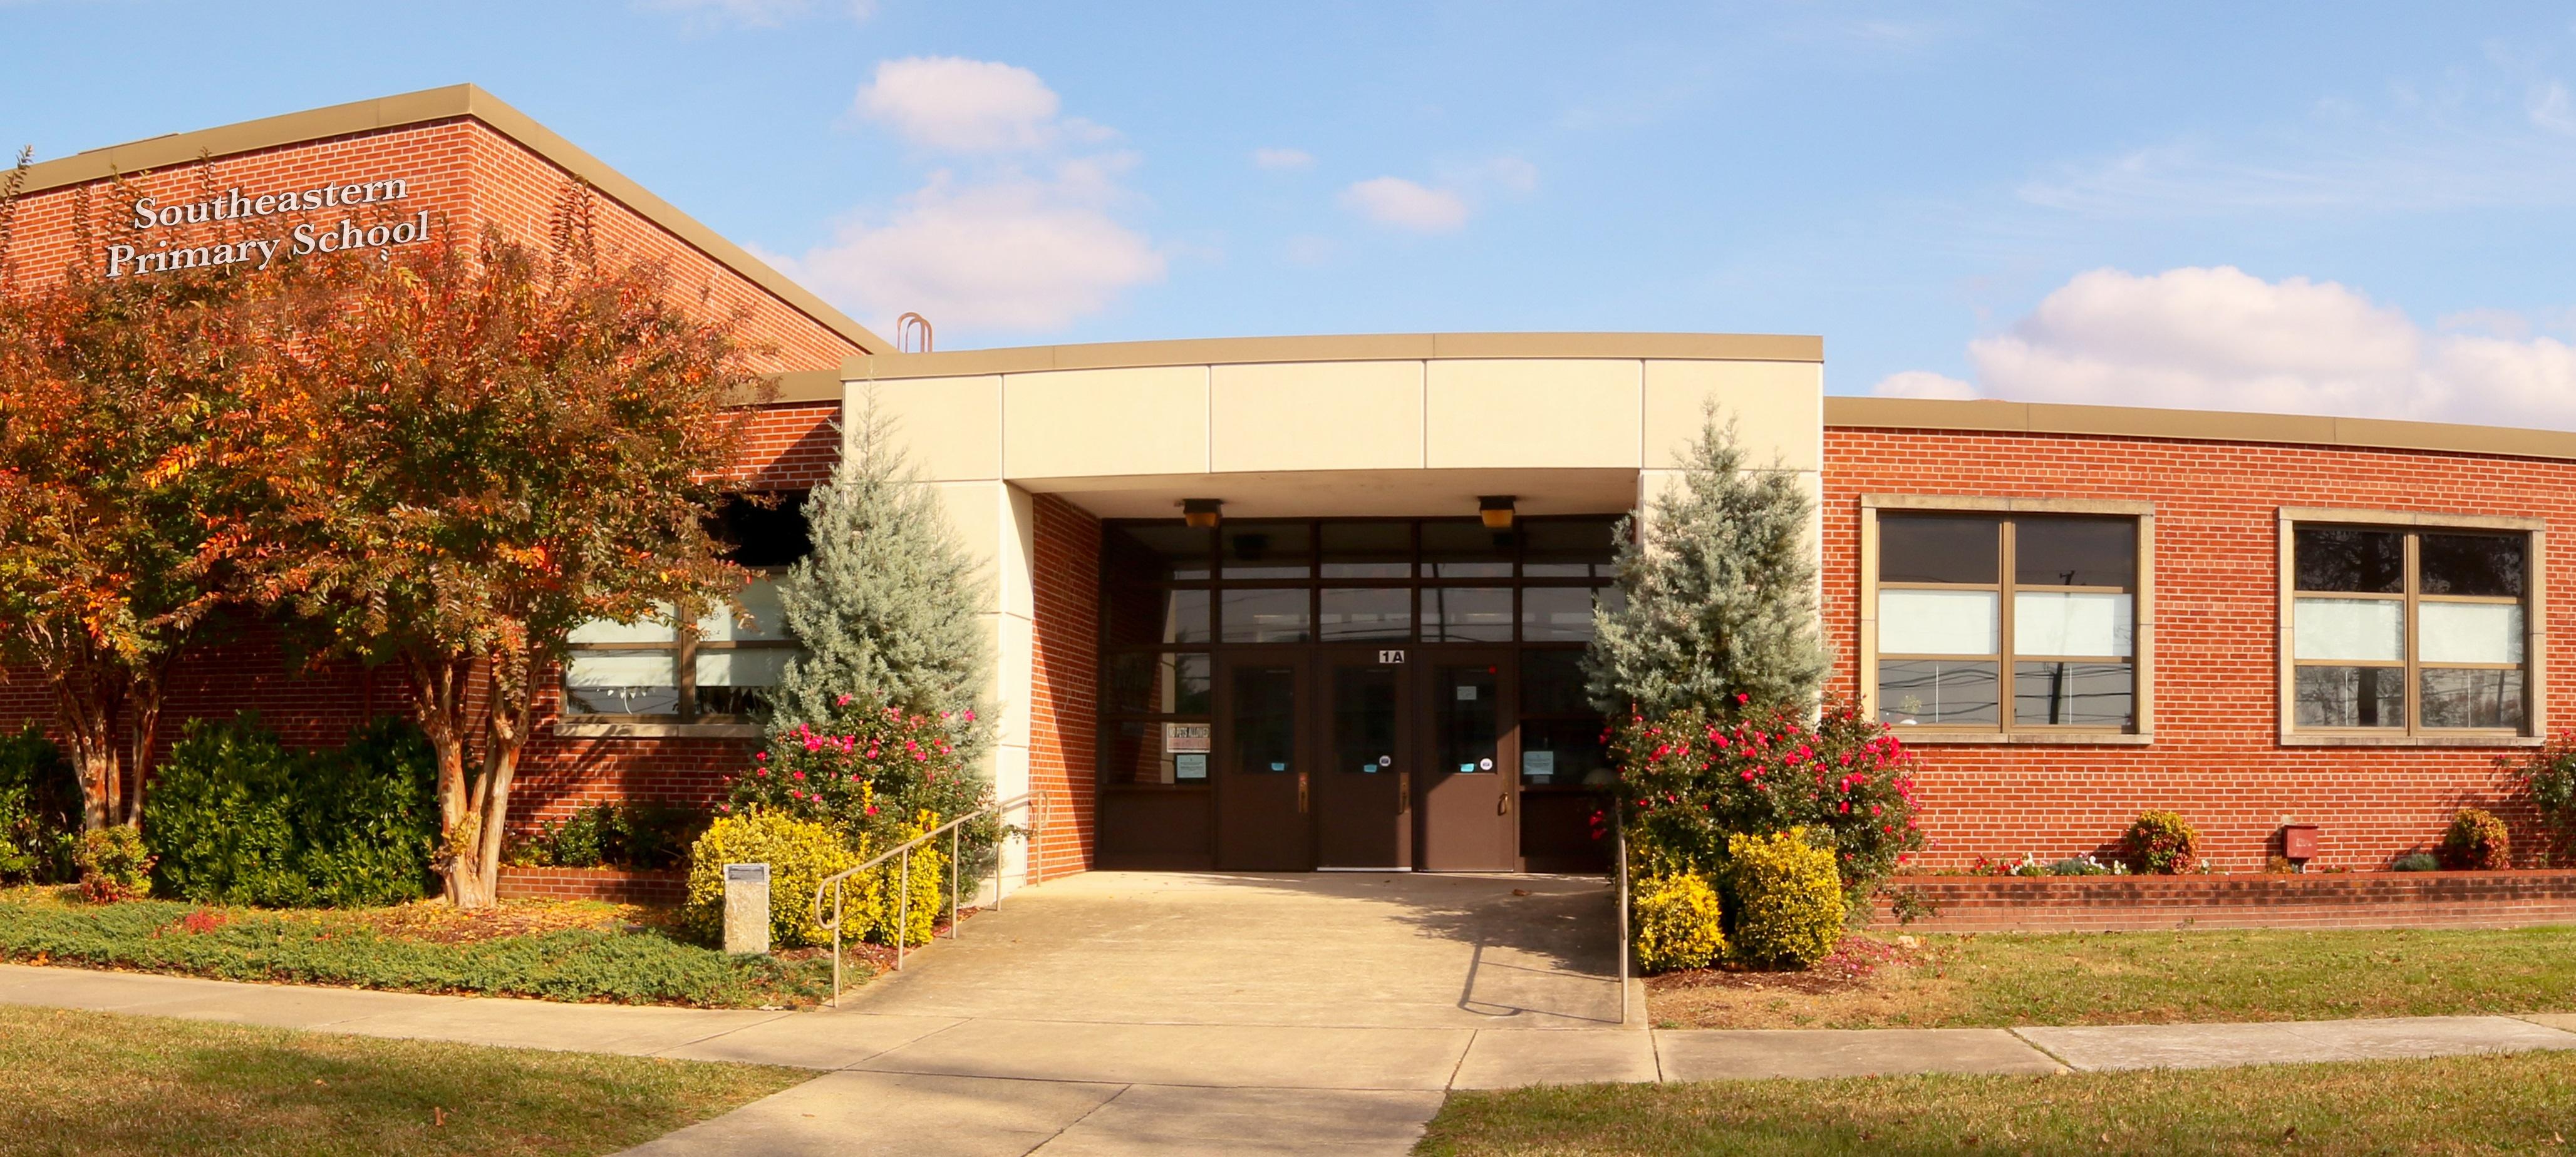 Southeastern Elementary School building